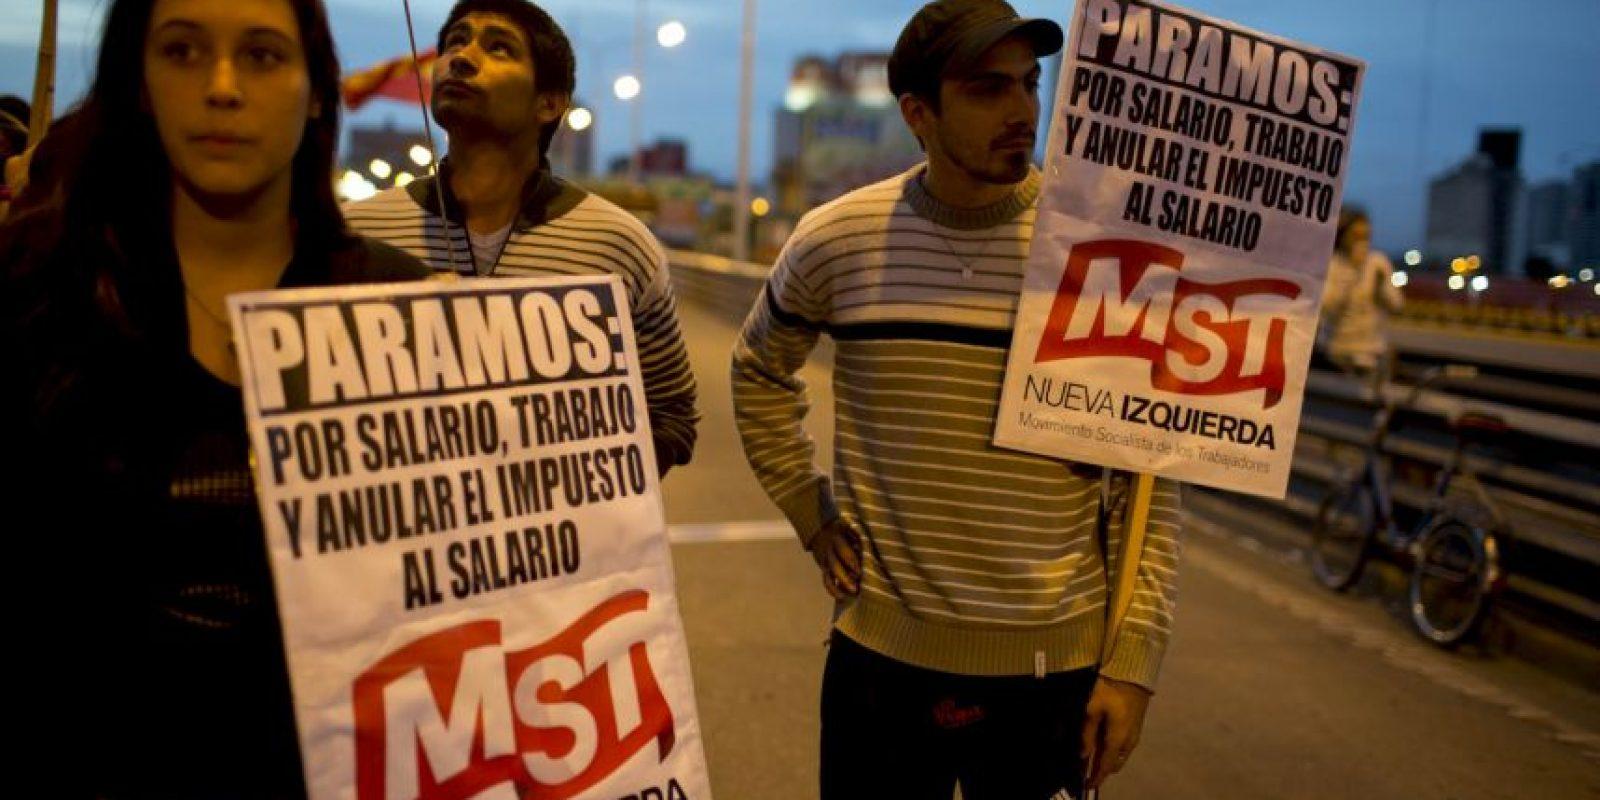 Los manifestantes iniciaron la movilización en la madrugada del martes. Foto:AP